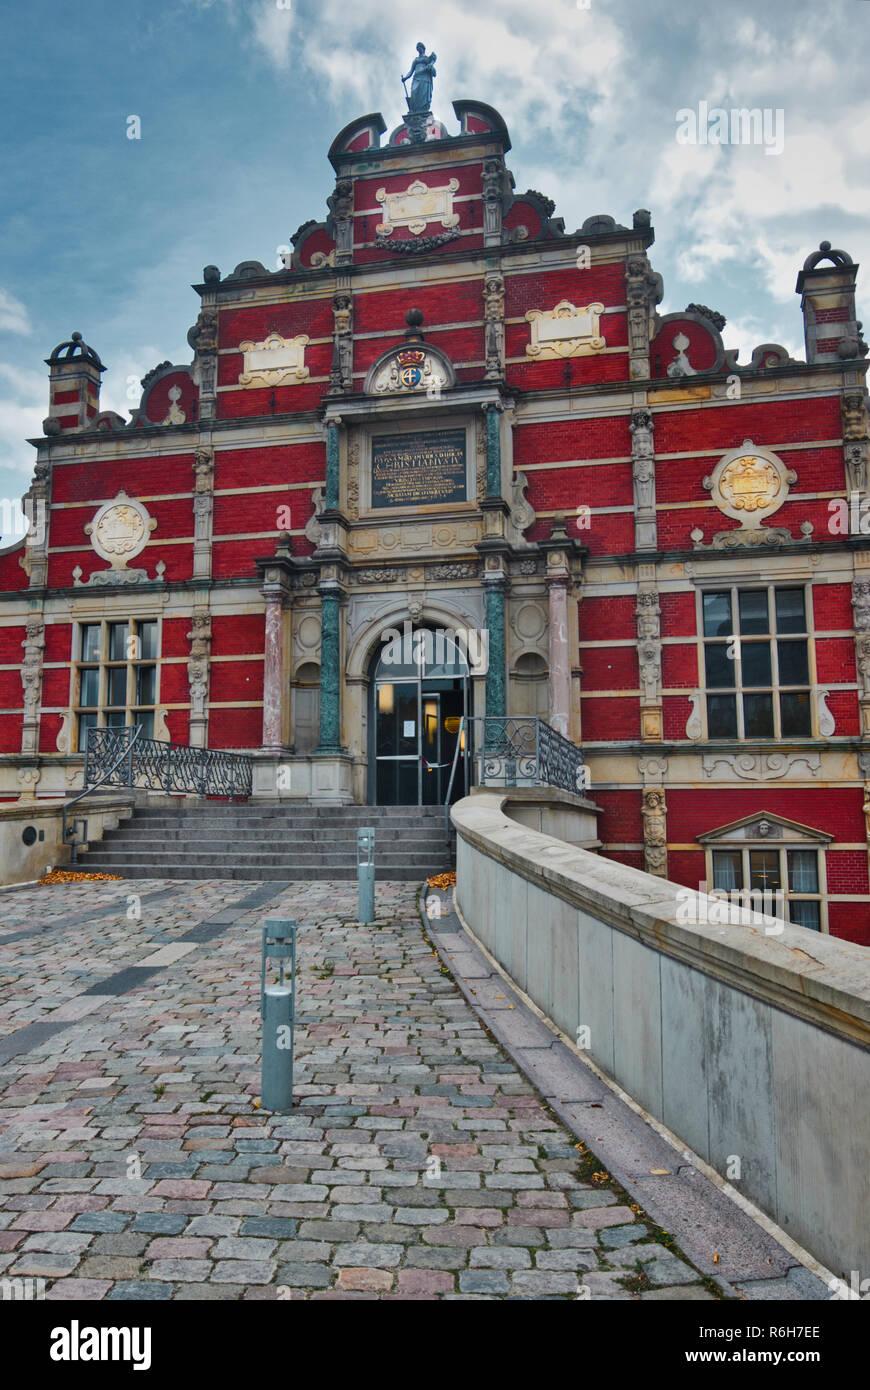 Old Stock Exchange (Borsen), Slotsholmen, Copenhagen, Denmark, Scandinavia - Stock Image